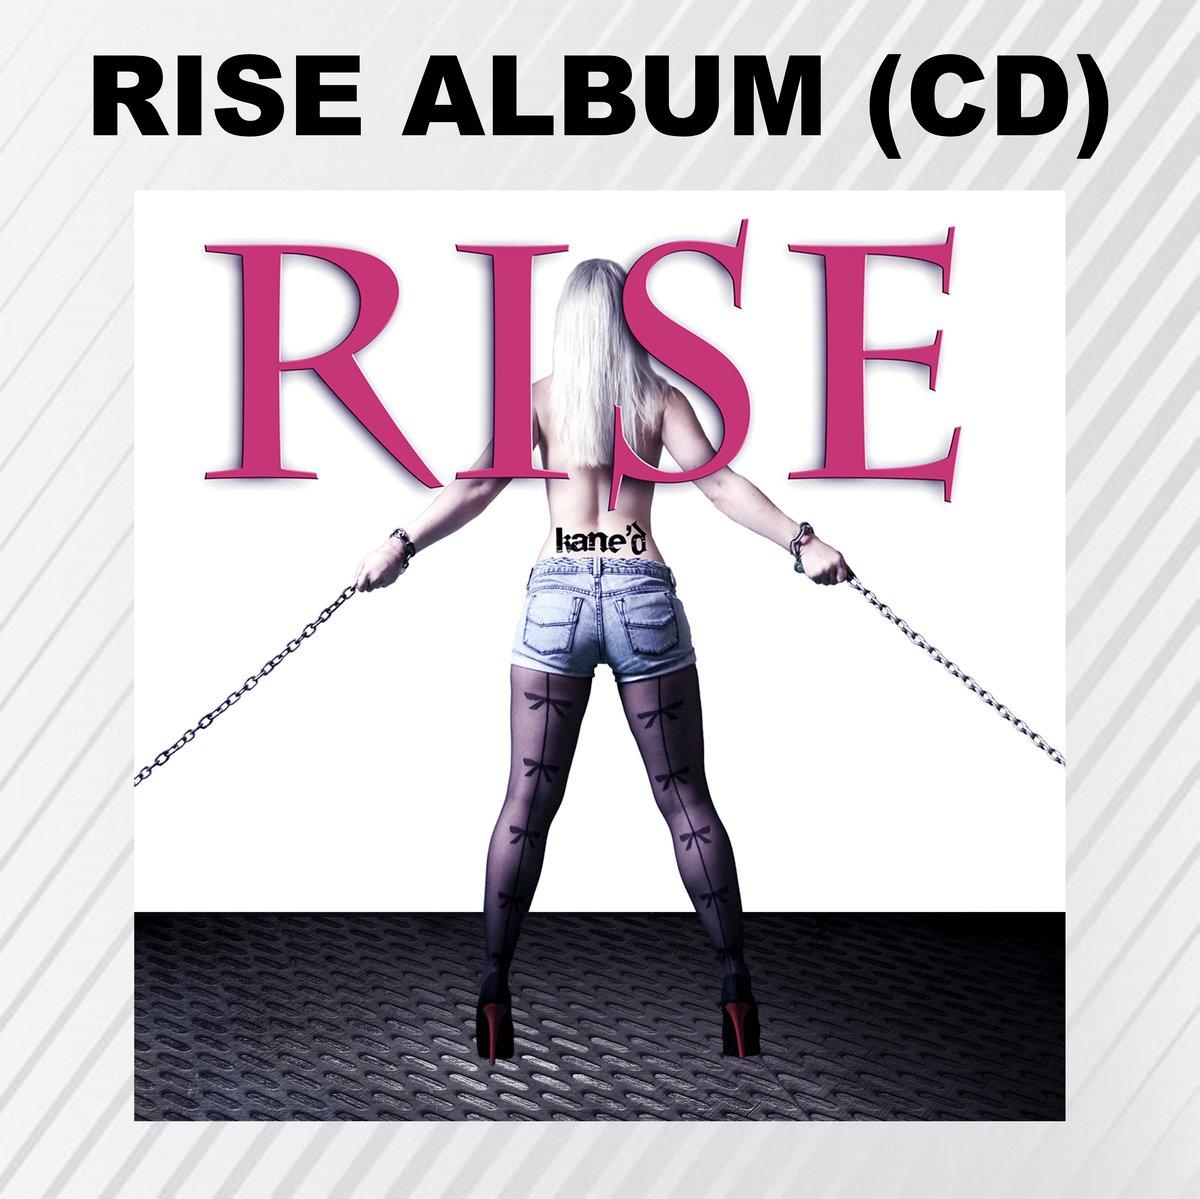 Image of RISE ALBUM (CD)